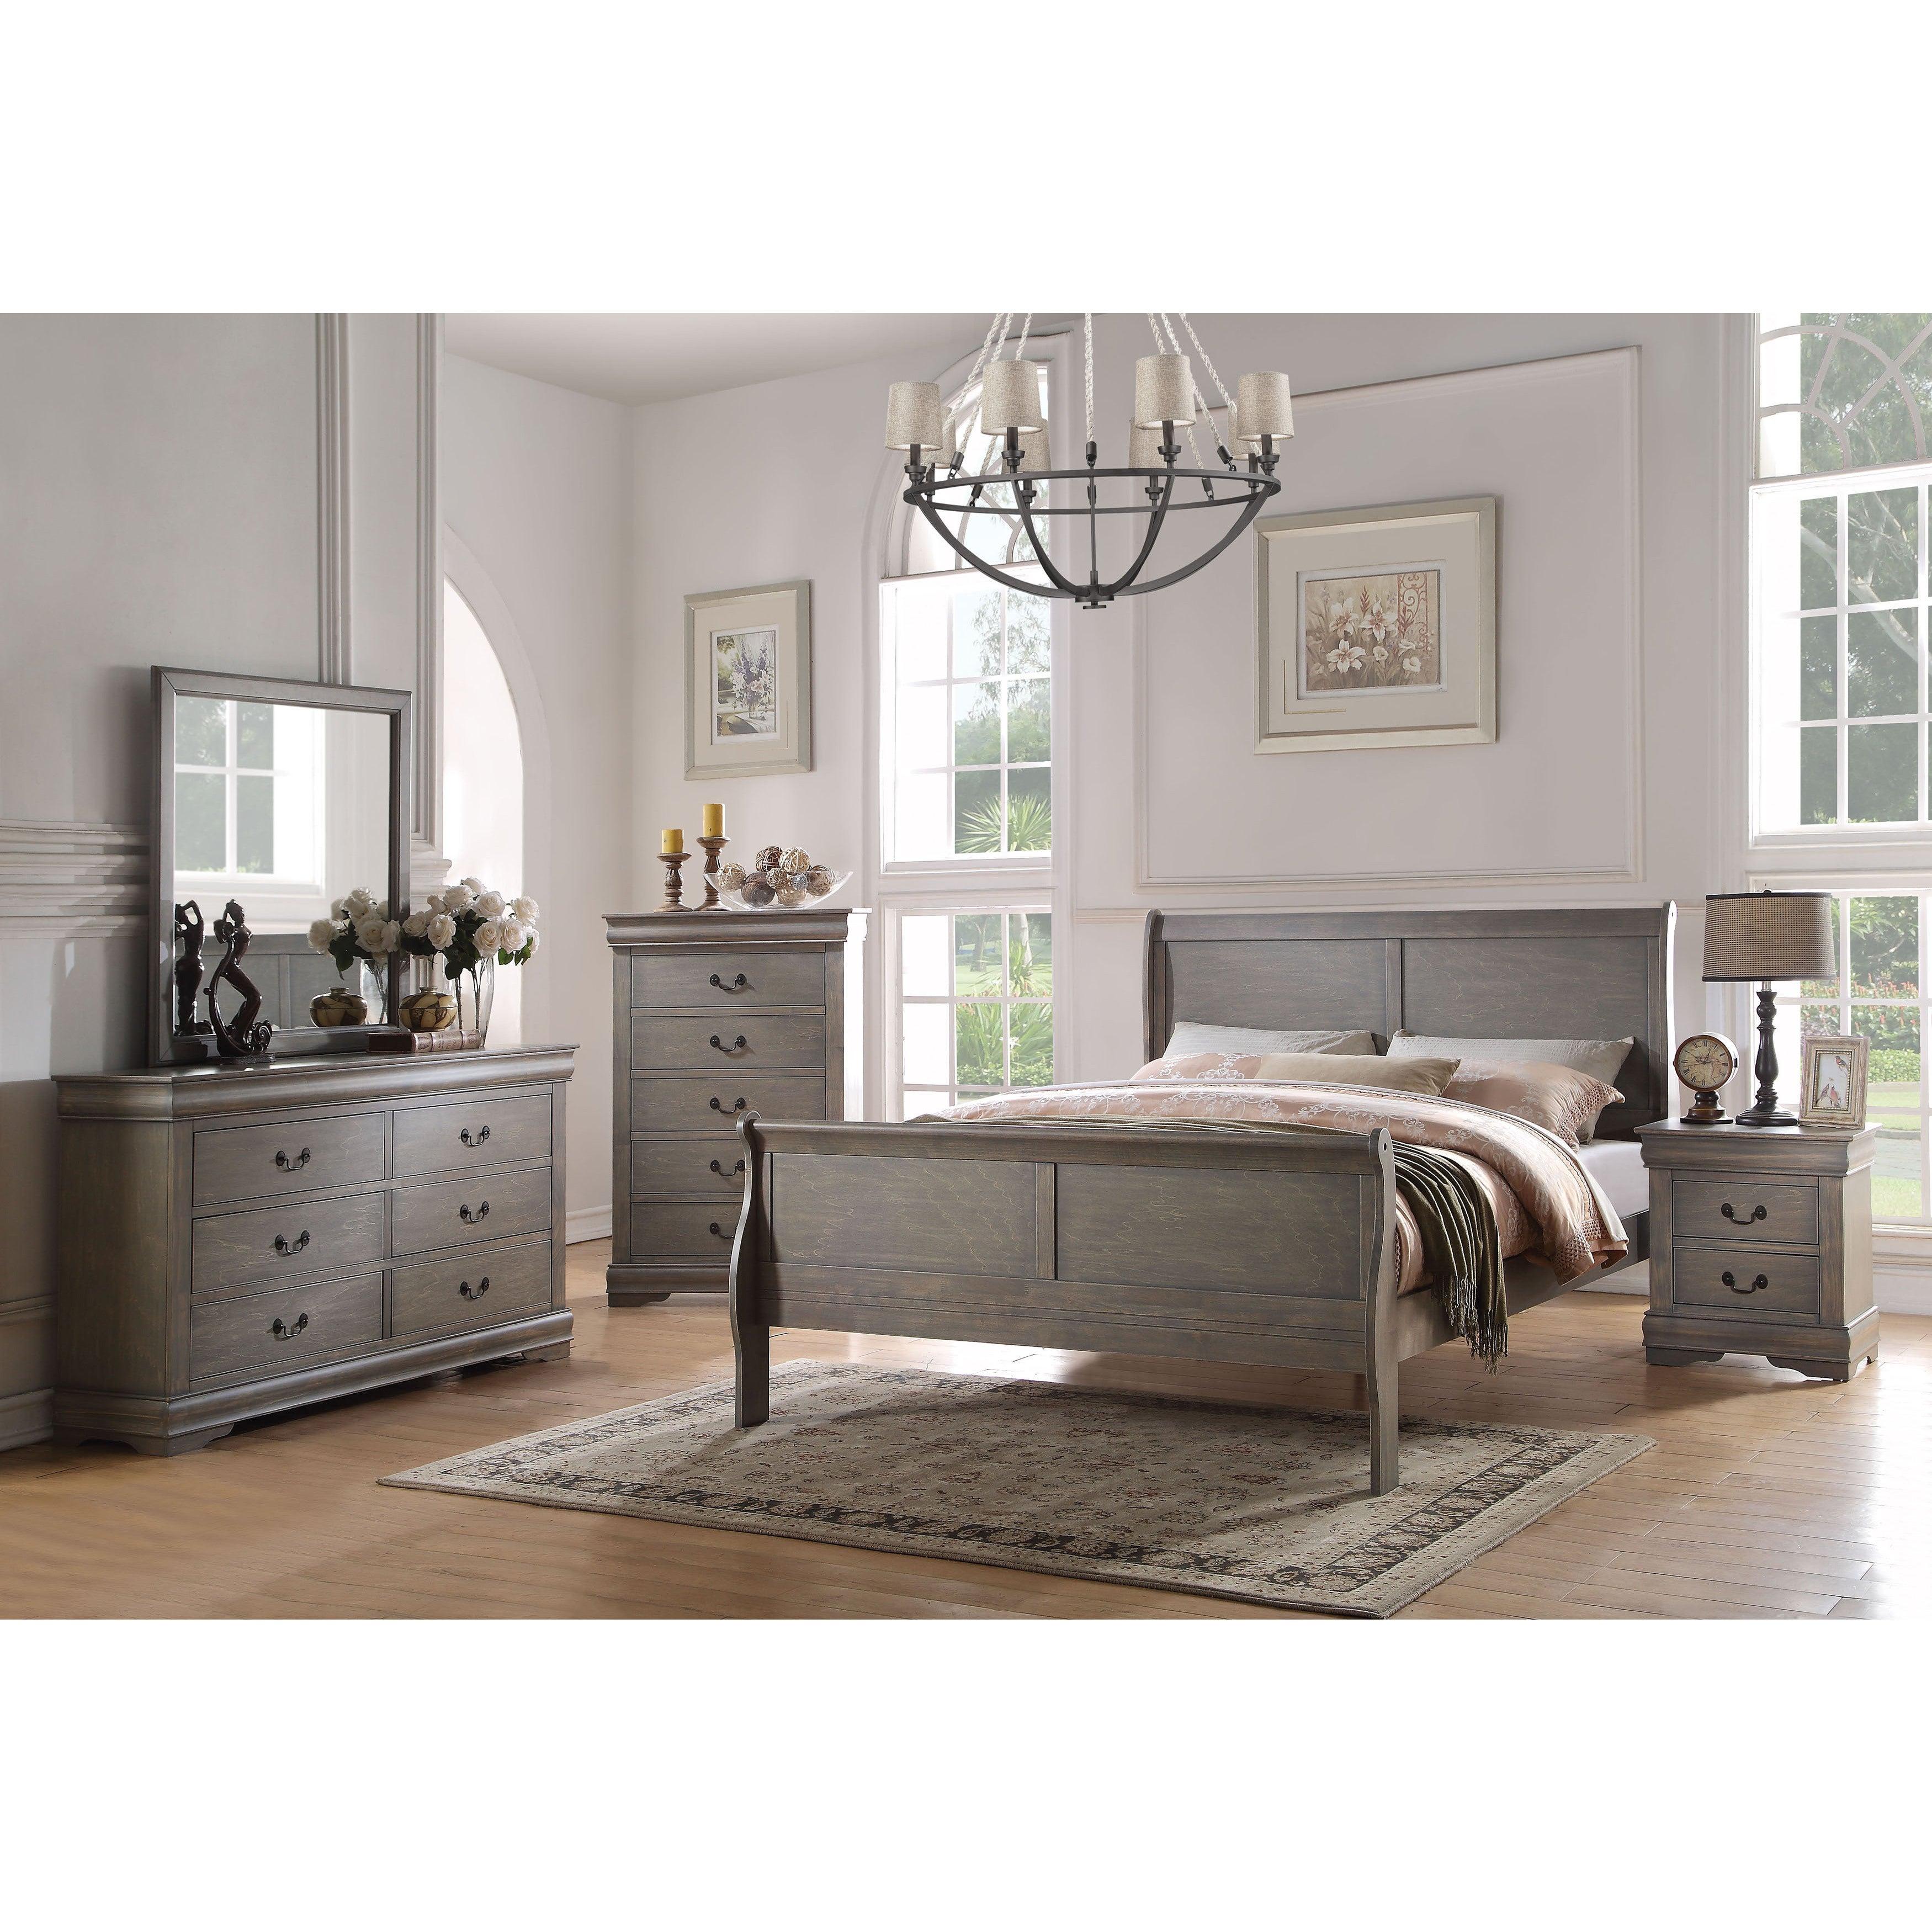 Shop Acme Furniture Louis Philippe 4 Piece Bedroom Set Antique Gray